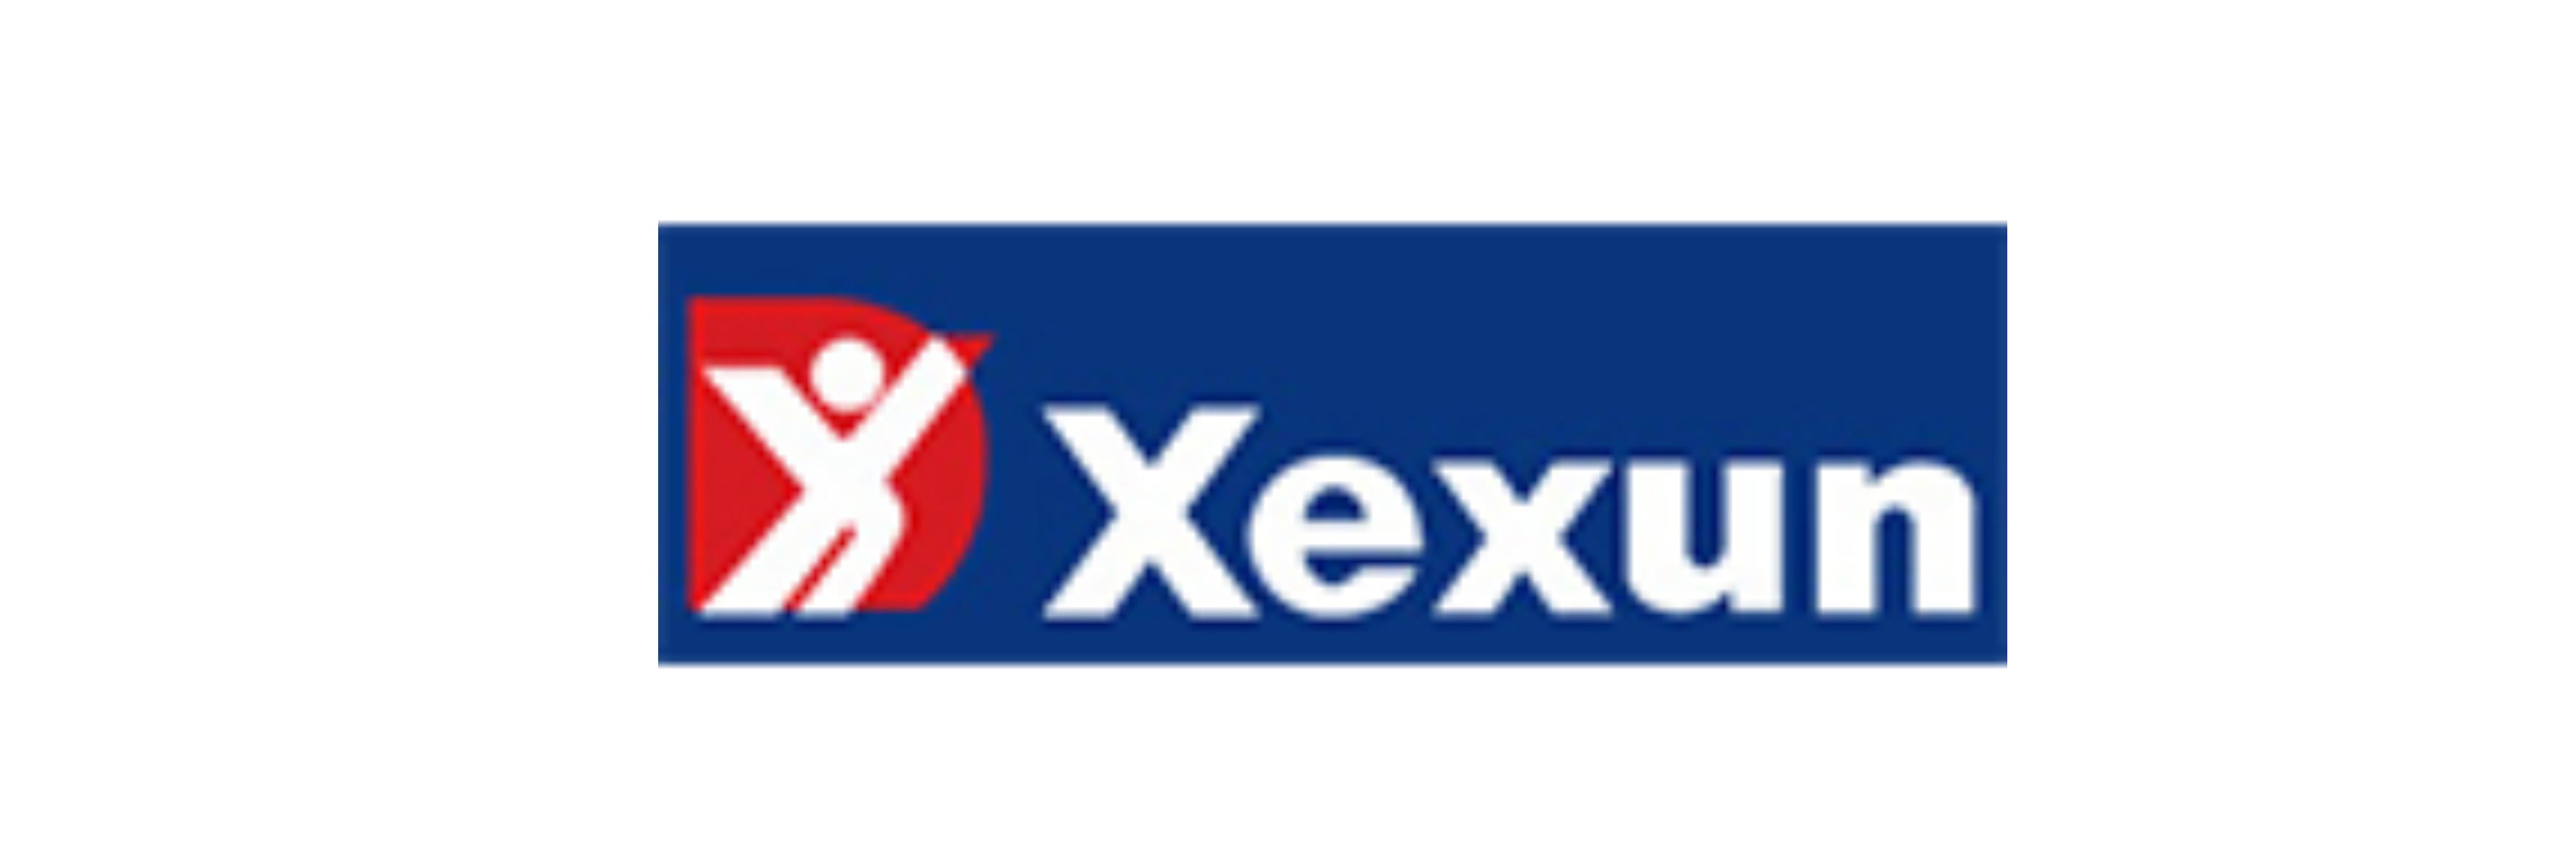 Xexun